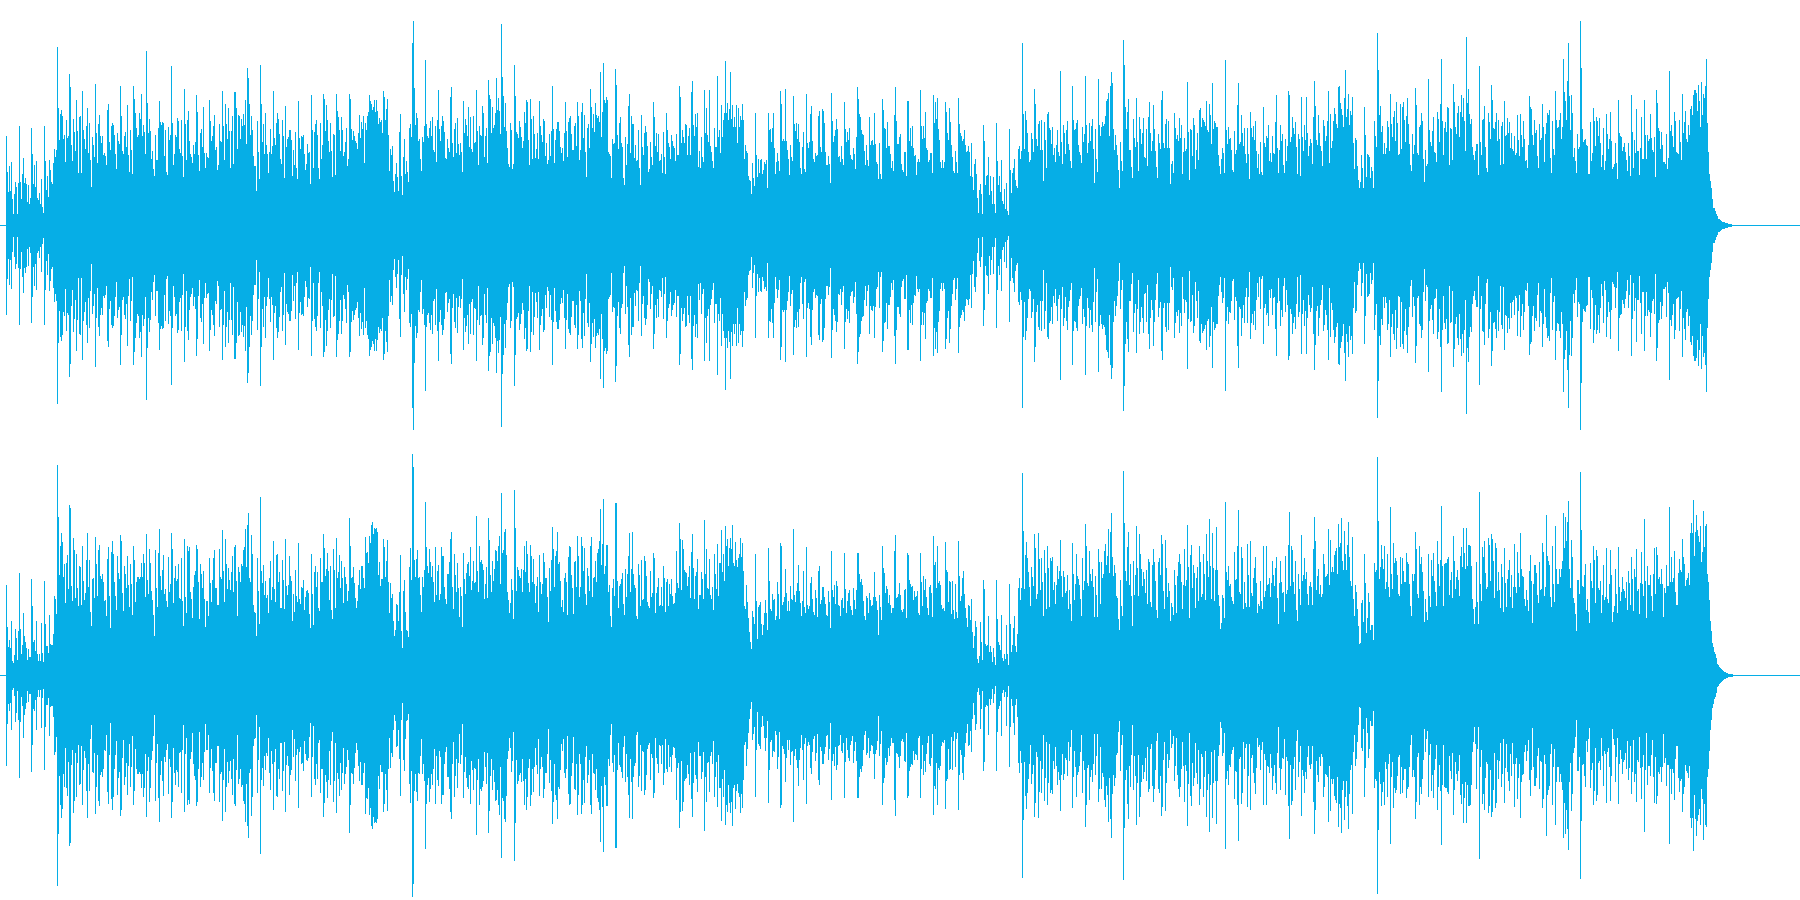 イスラムを思わせるキャッチーな民族音楽風の再生済みの波形